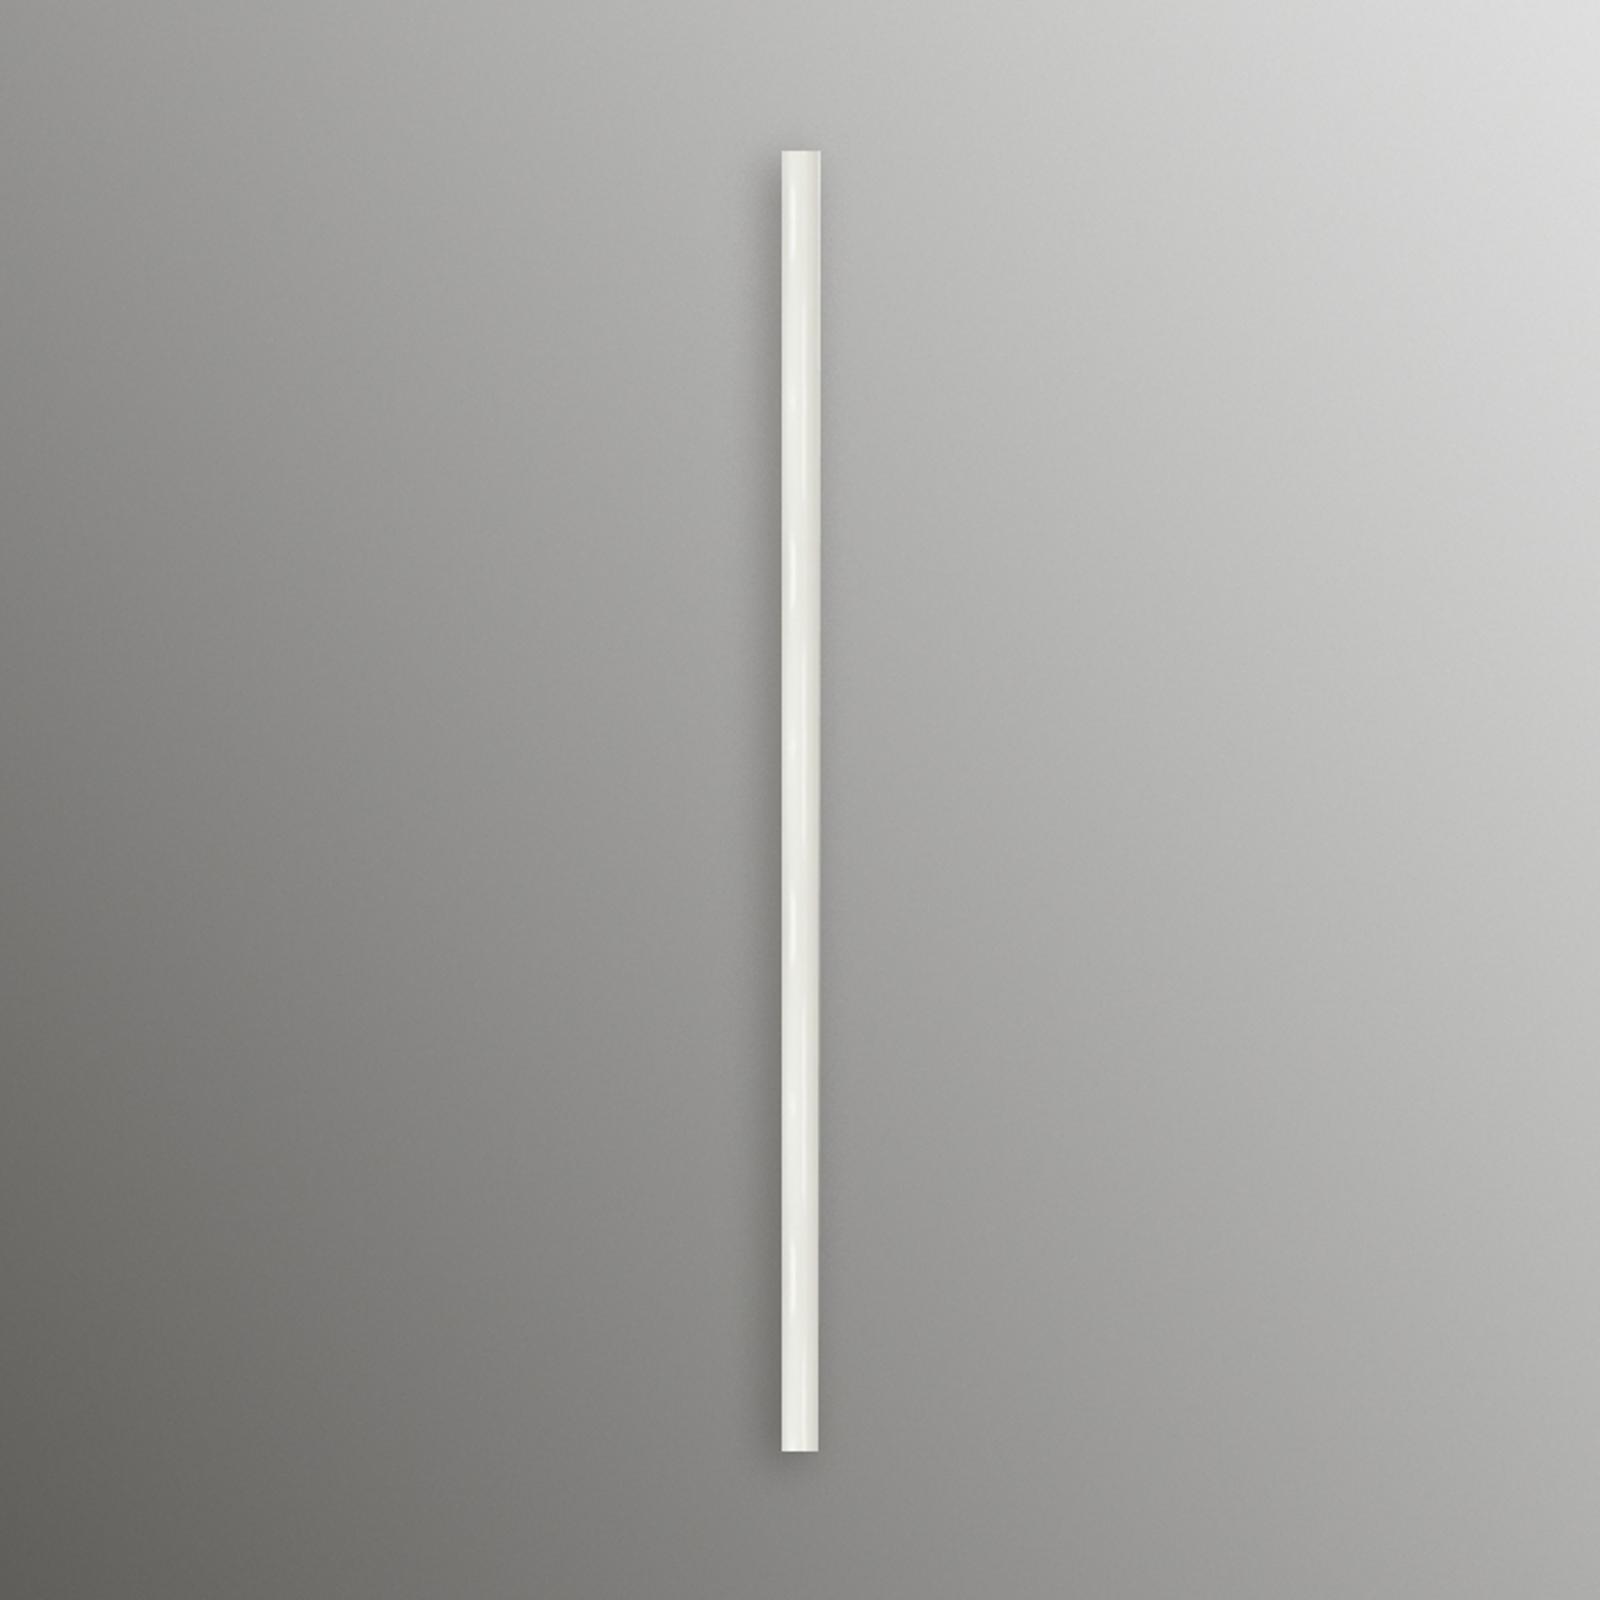 asta di prolunga bianca 120 cm